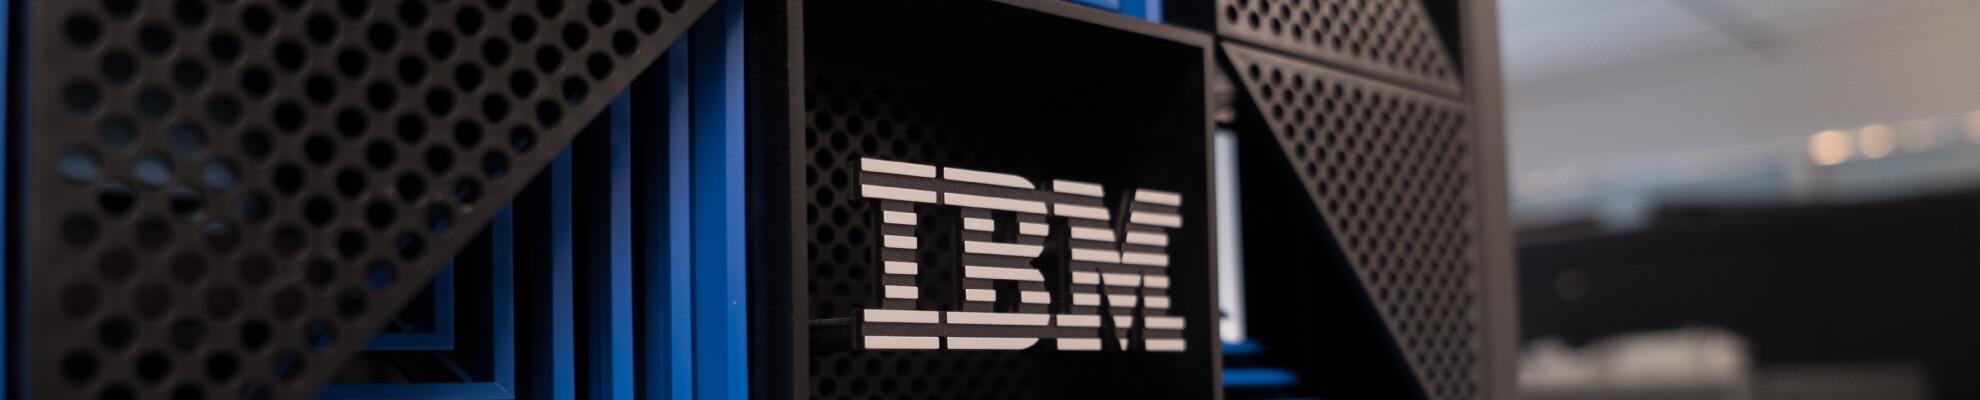 IBM-Hardware-Header-2